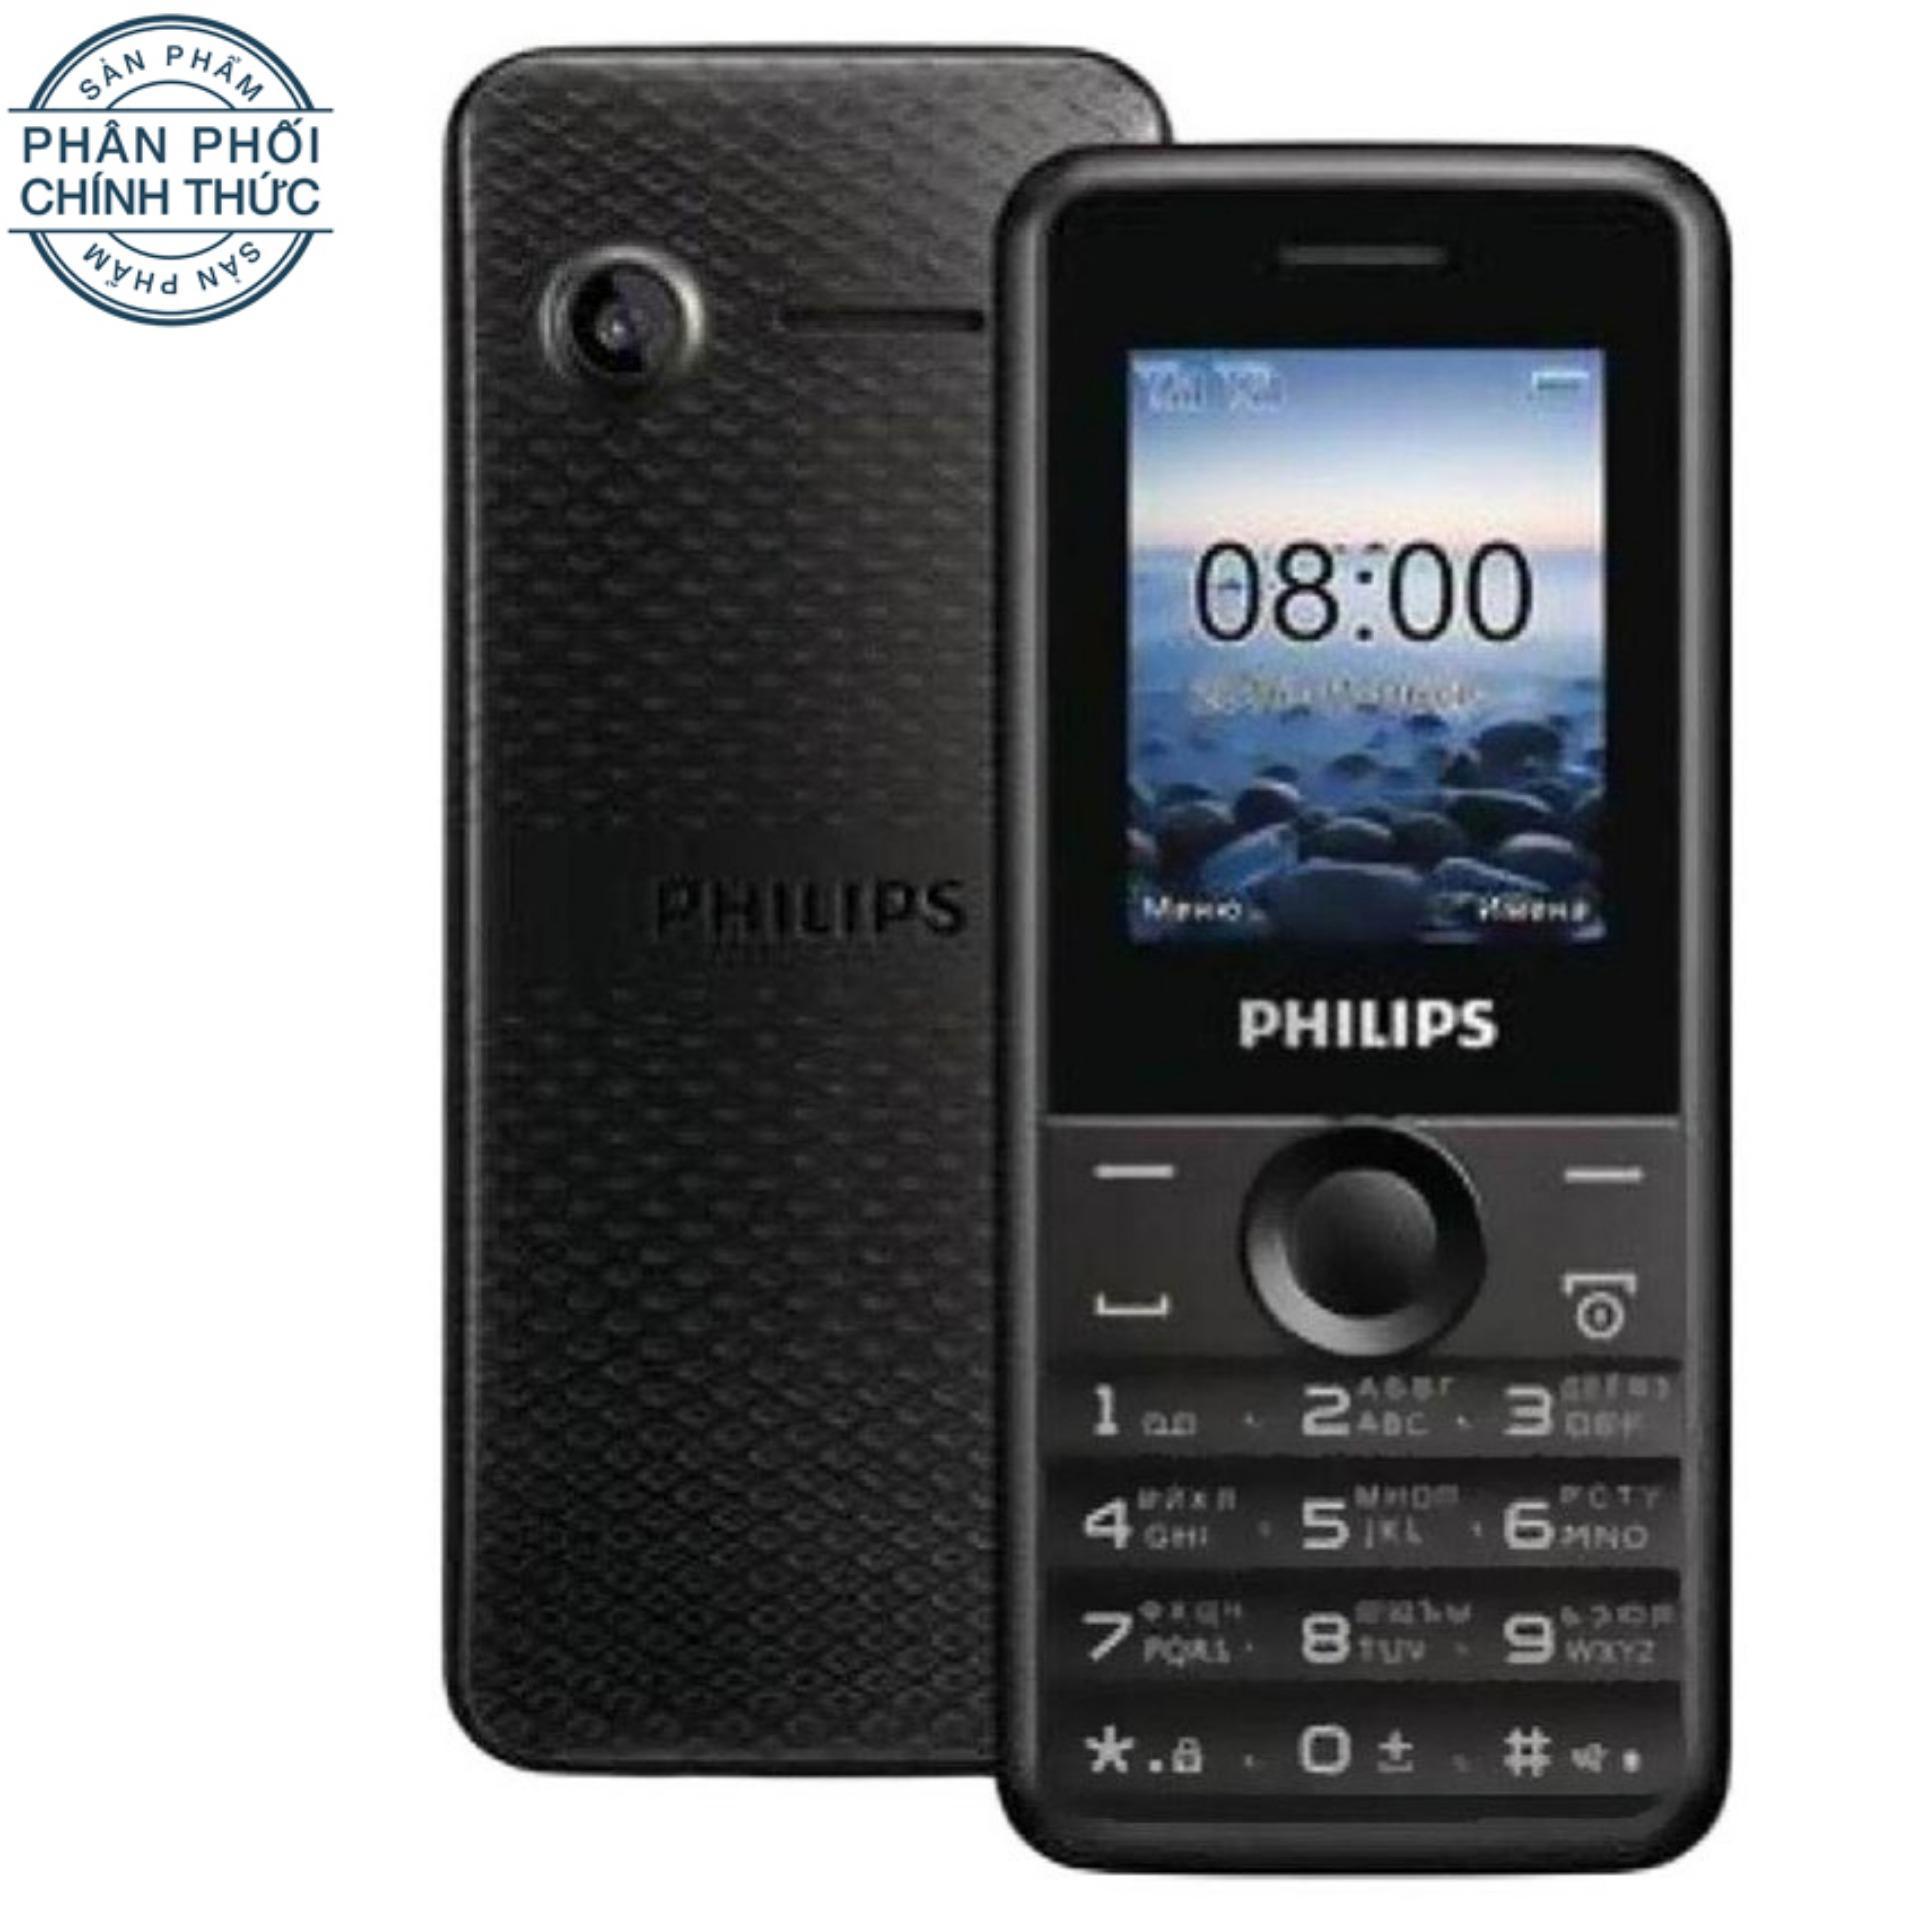 Giá Bán Đtdđ Philips E105 2 Sim Đen Hang Phan Phối Chinh Thức Trực Tuyến Hồ Chí Minh